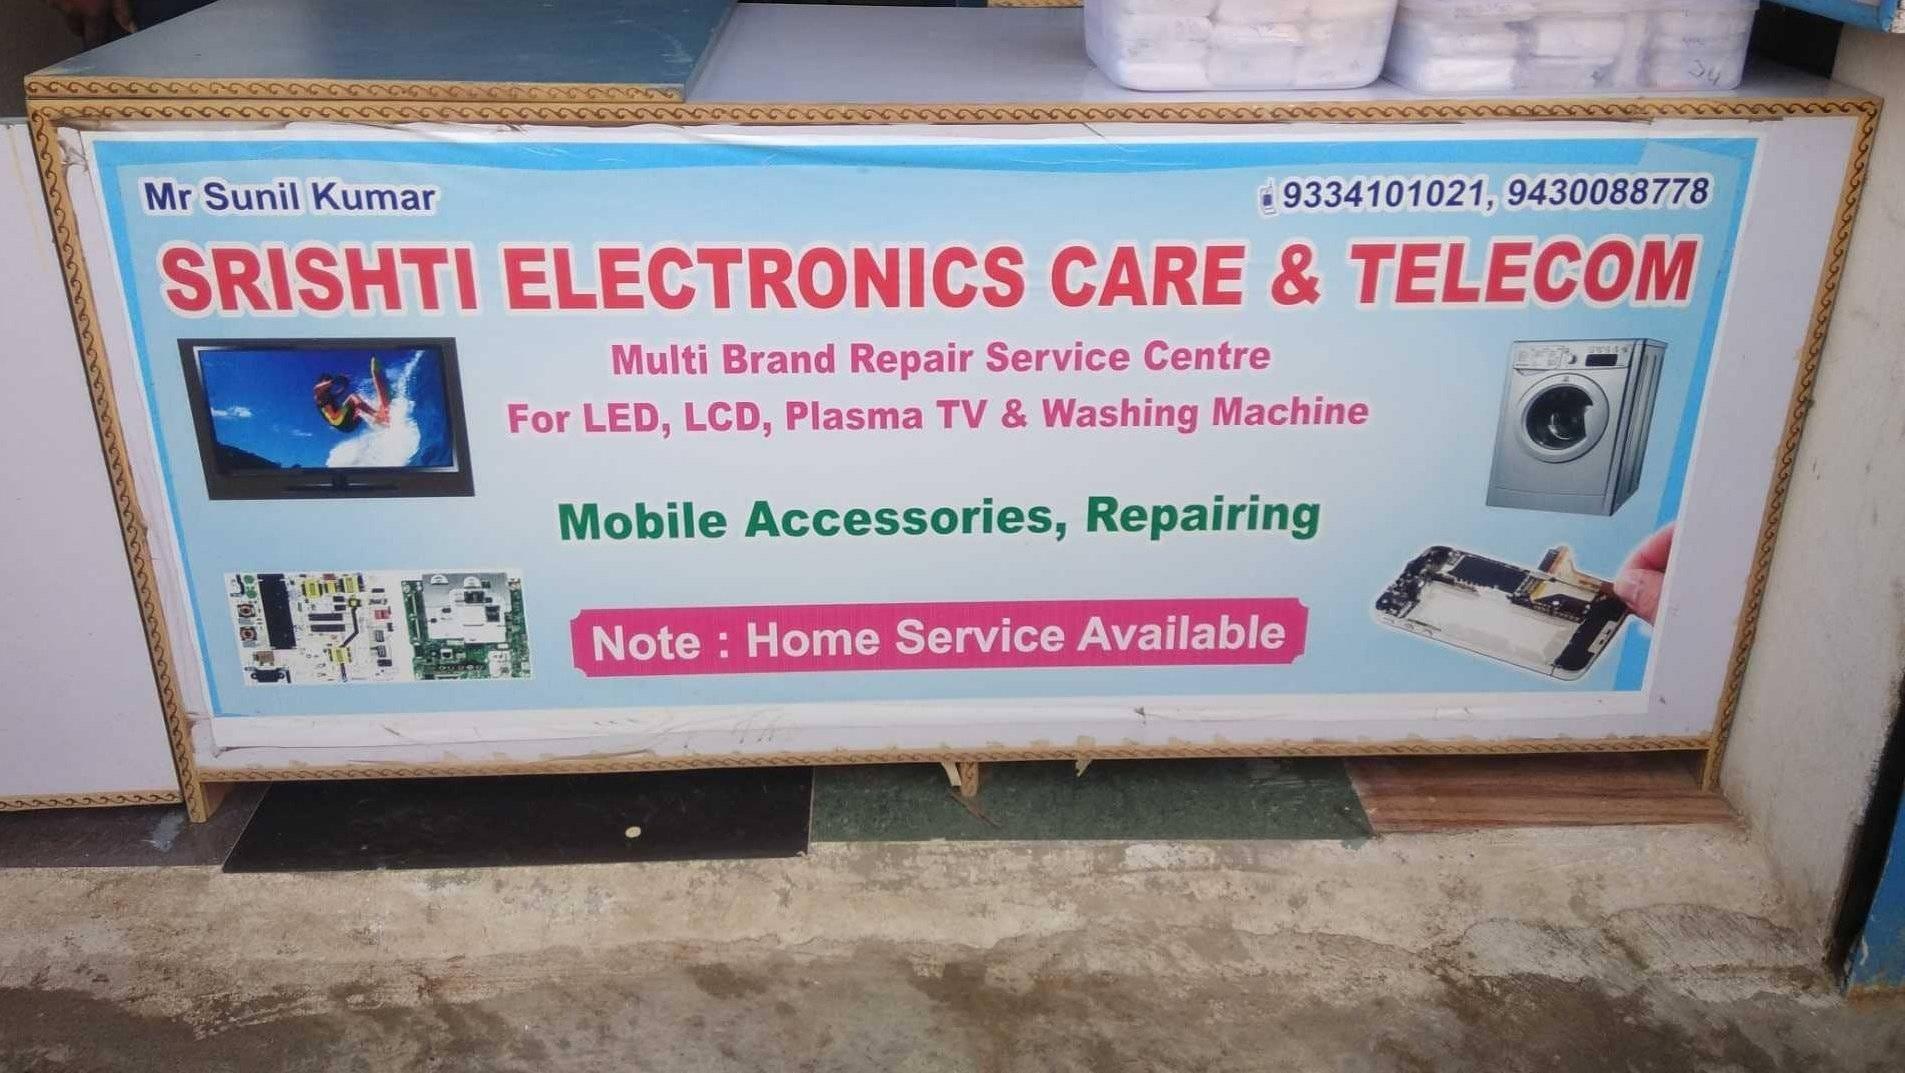 Top LCD TV Repair in Kadamkuan - Best TV Repair & Services - Justdial